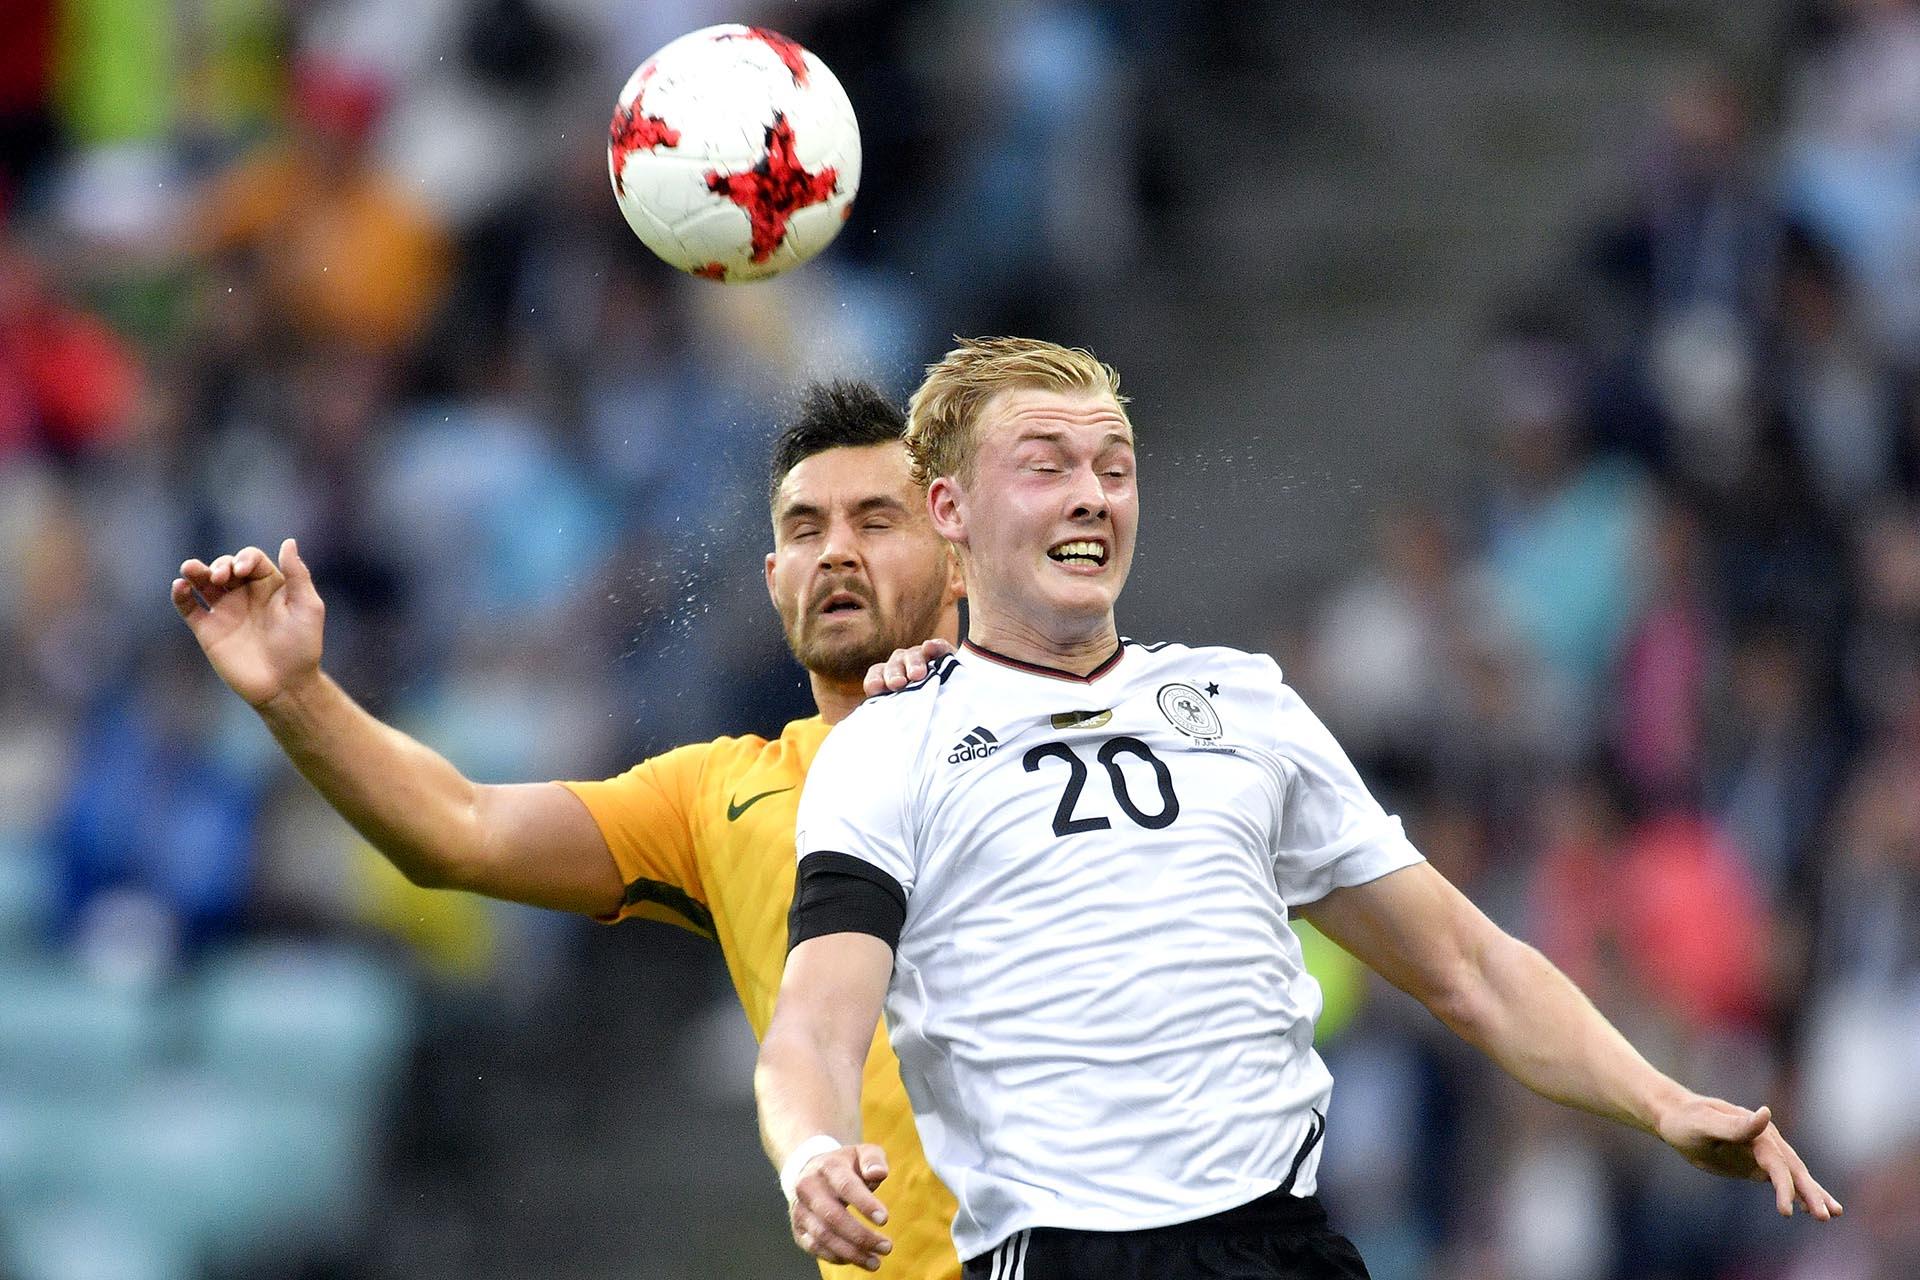 El alemán Julian Brandt disputa el balón con el australiano Bailey Wright durante el partido entre ambas selecciones por la Copa Confederaciones que se juega en Rusia